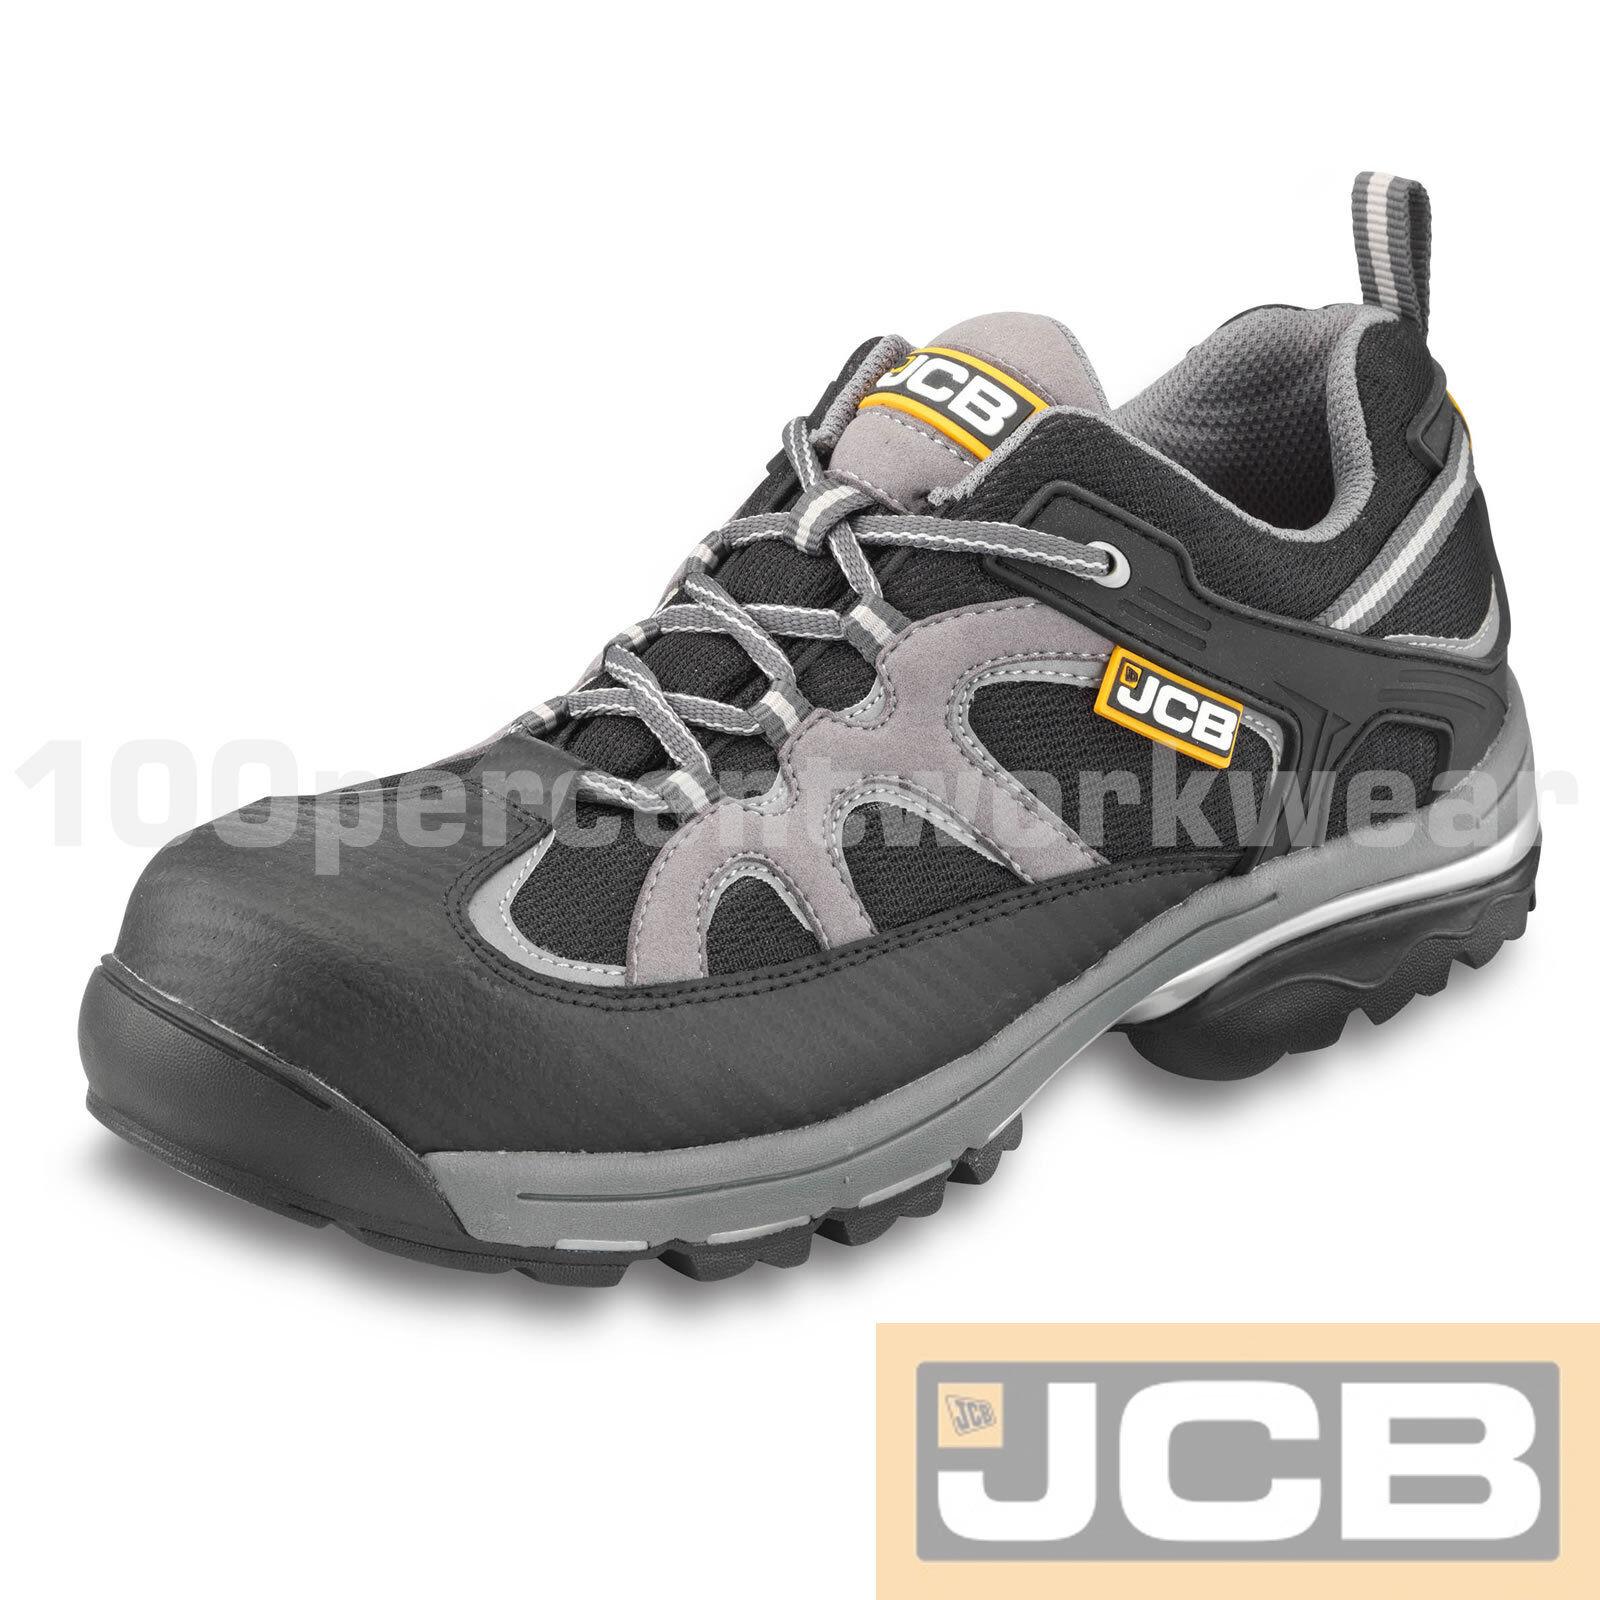 JCB traklow Negro gris Zapatillas Zapatos De Seguridad De Trabajo Puntera Composite mediados Suela Nuevo